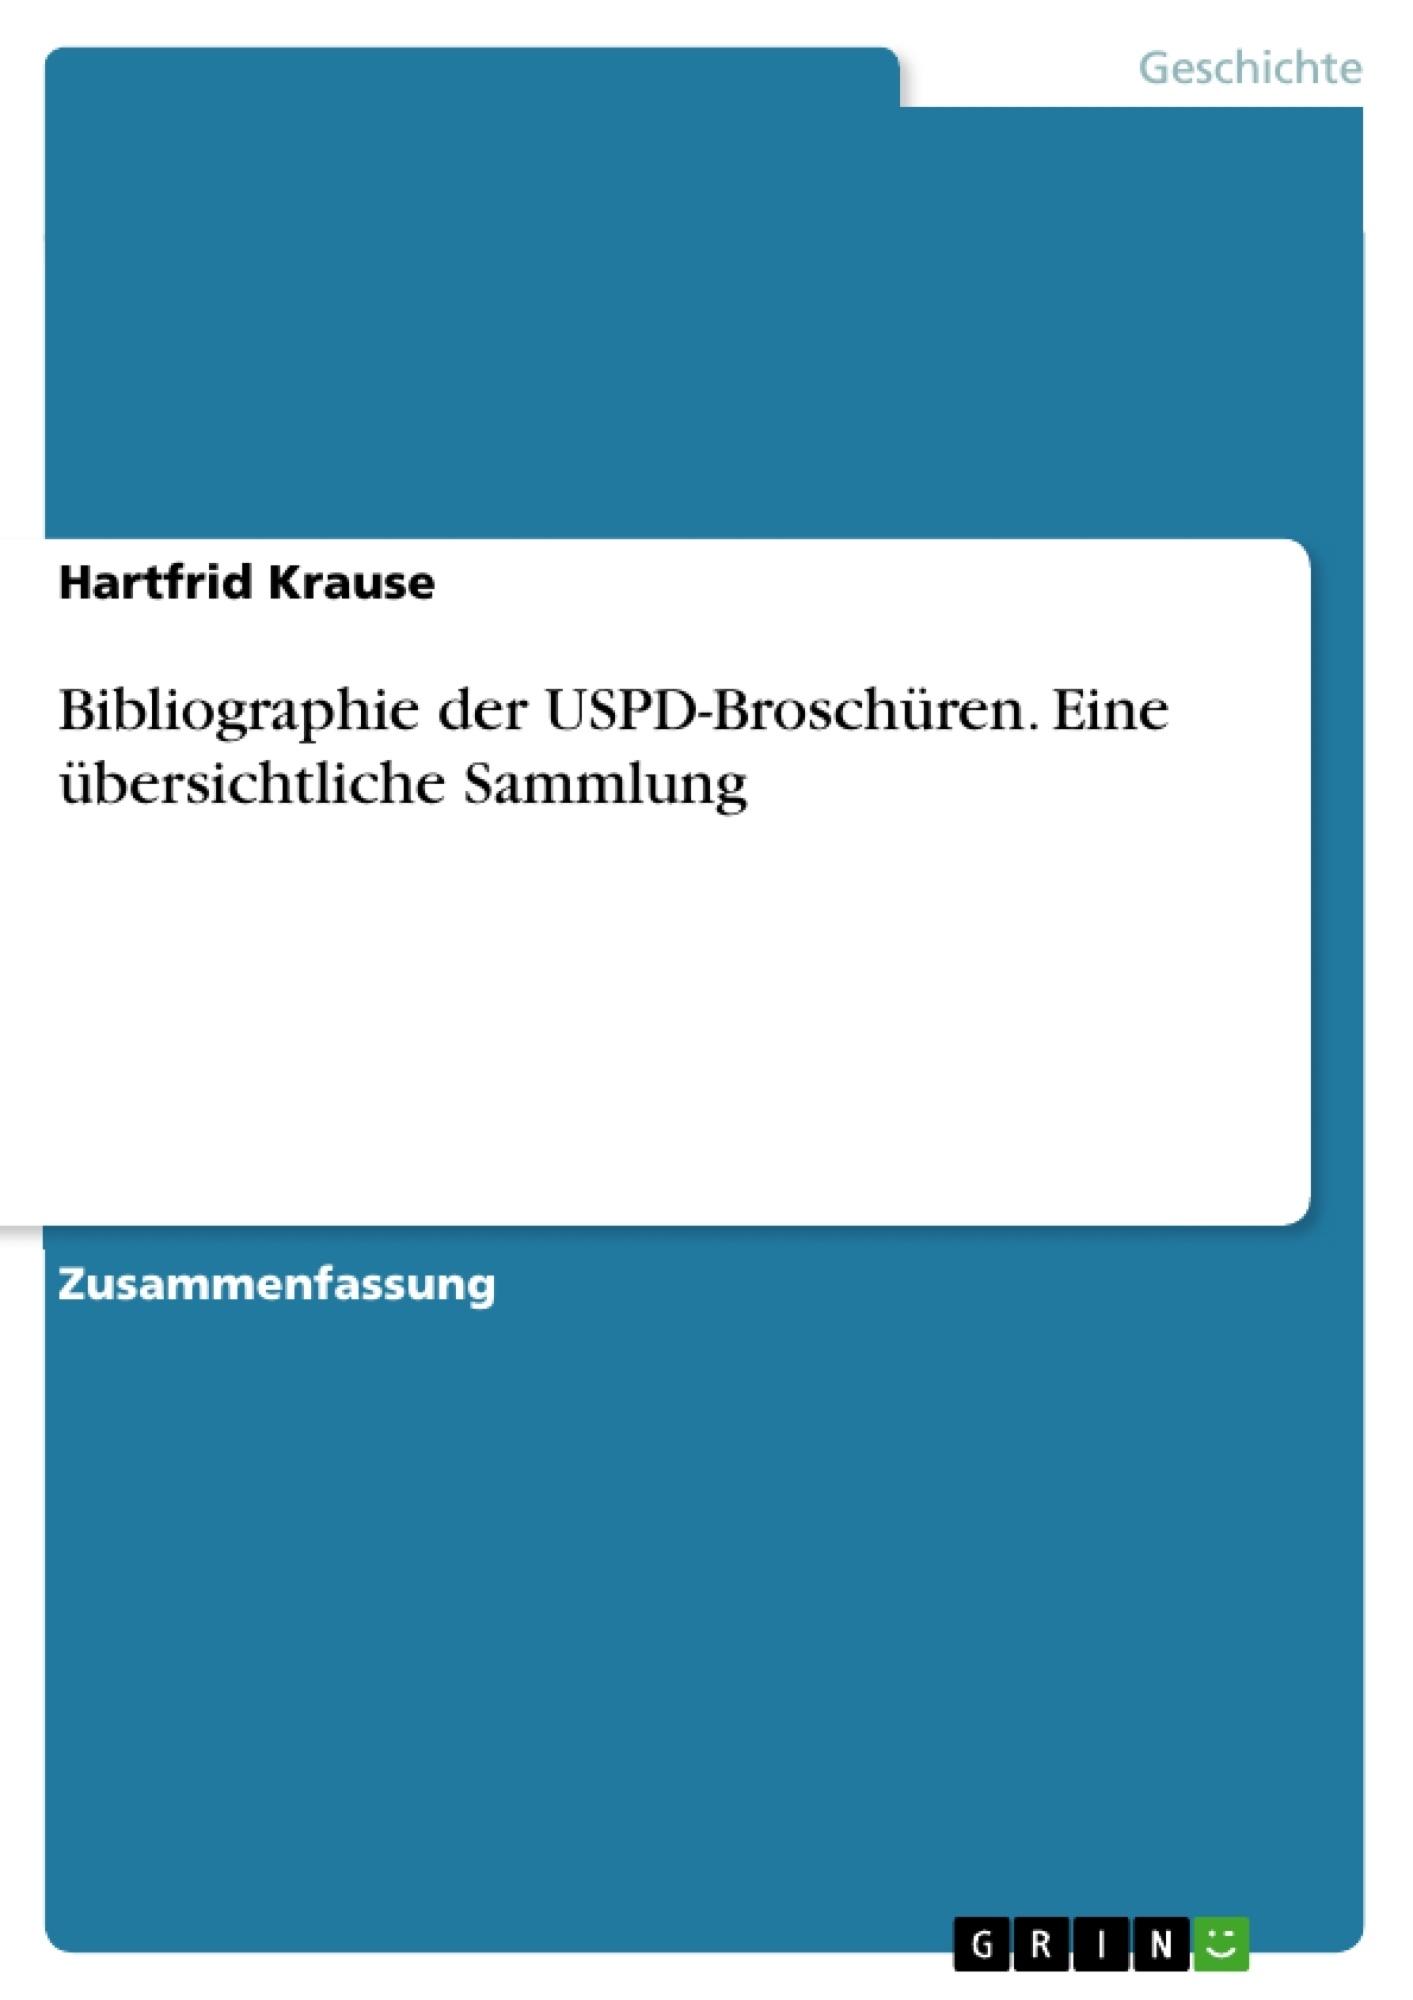 Titel: Bibliographie der USPD-Broschüren. Eine übersichtliche Sammlung